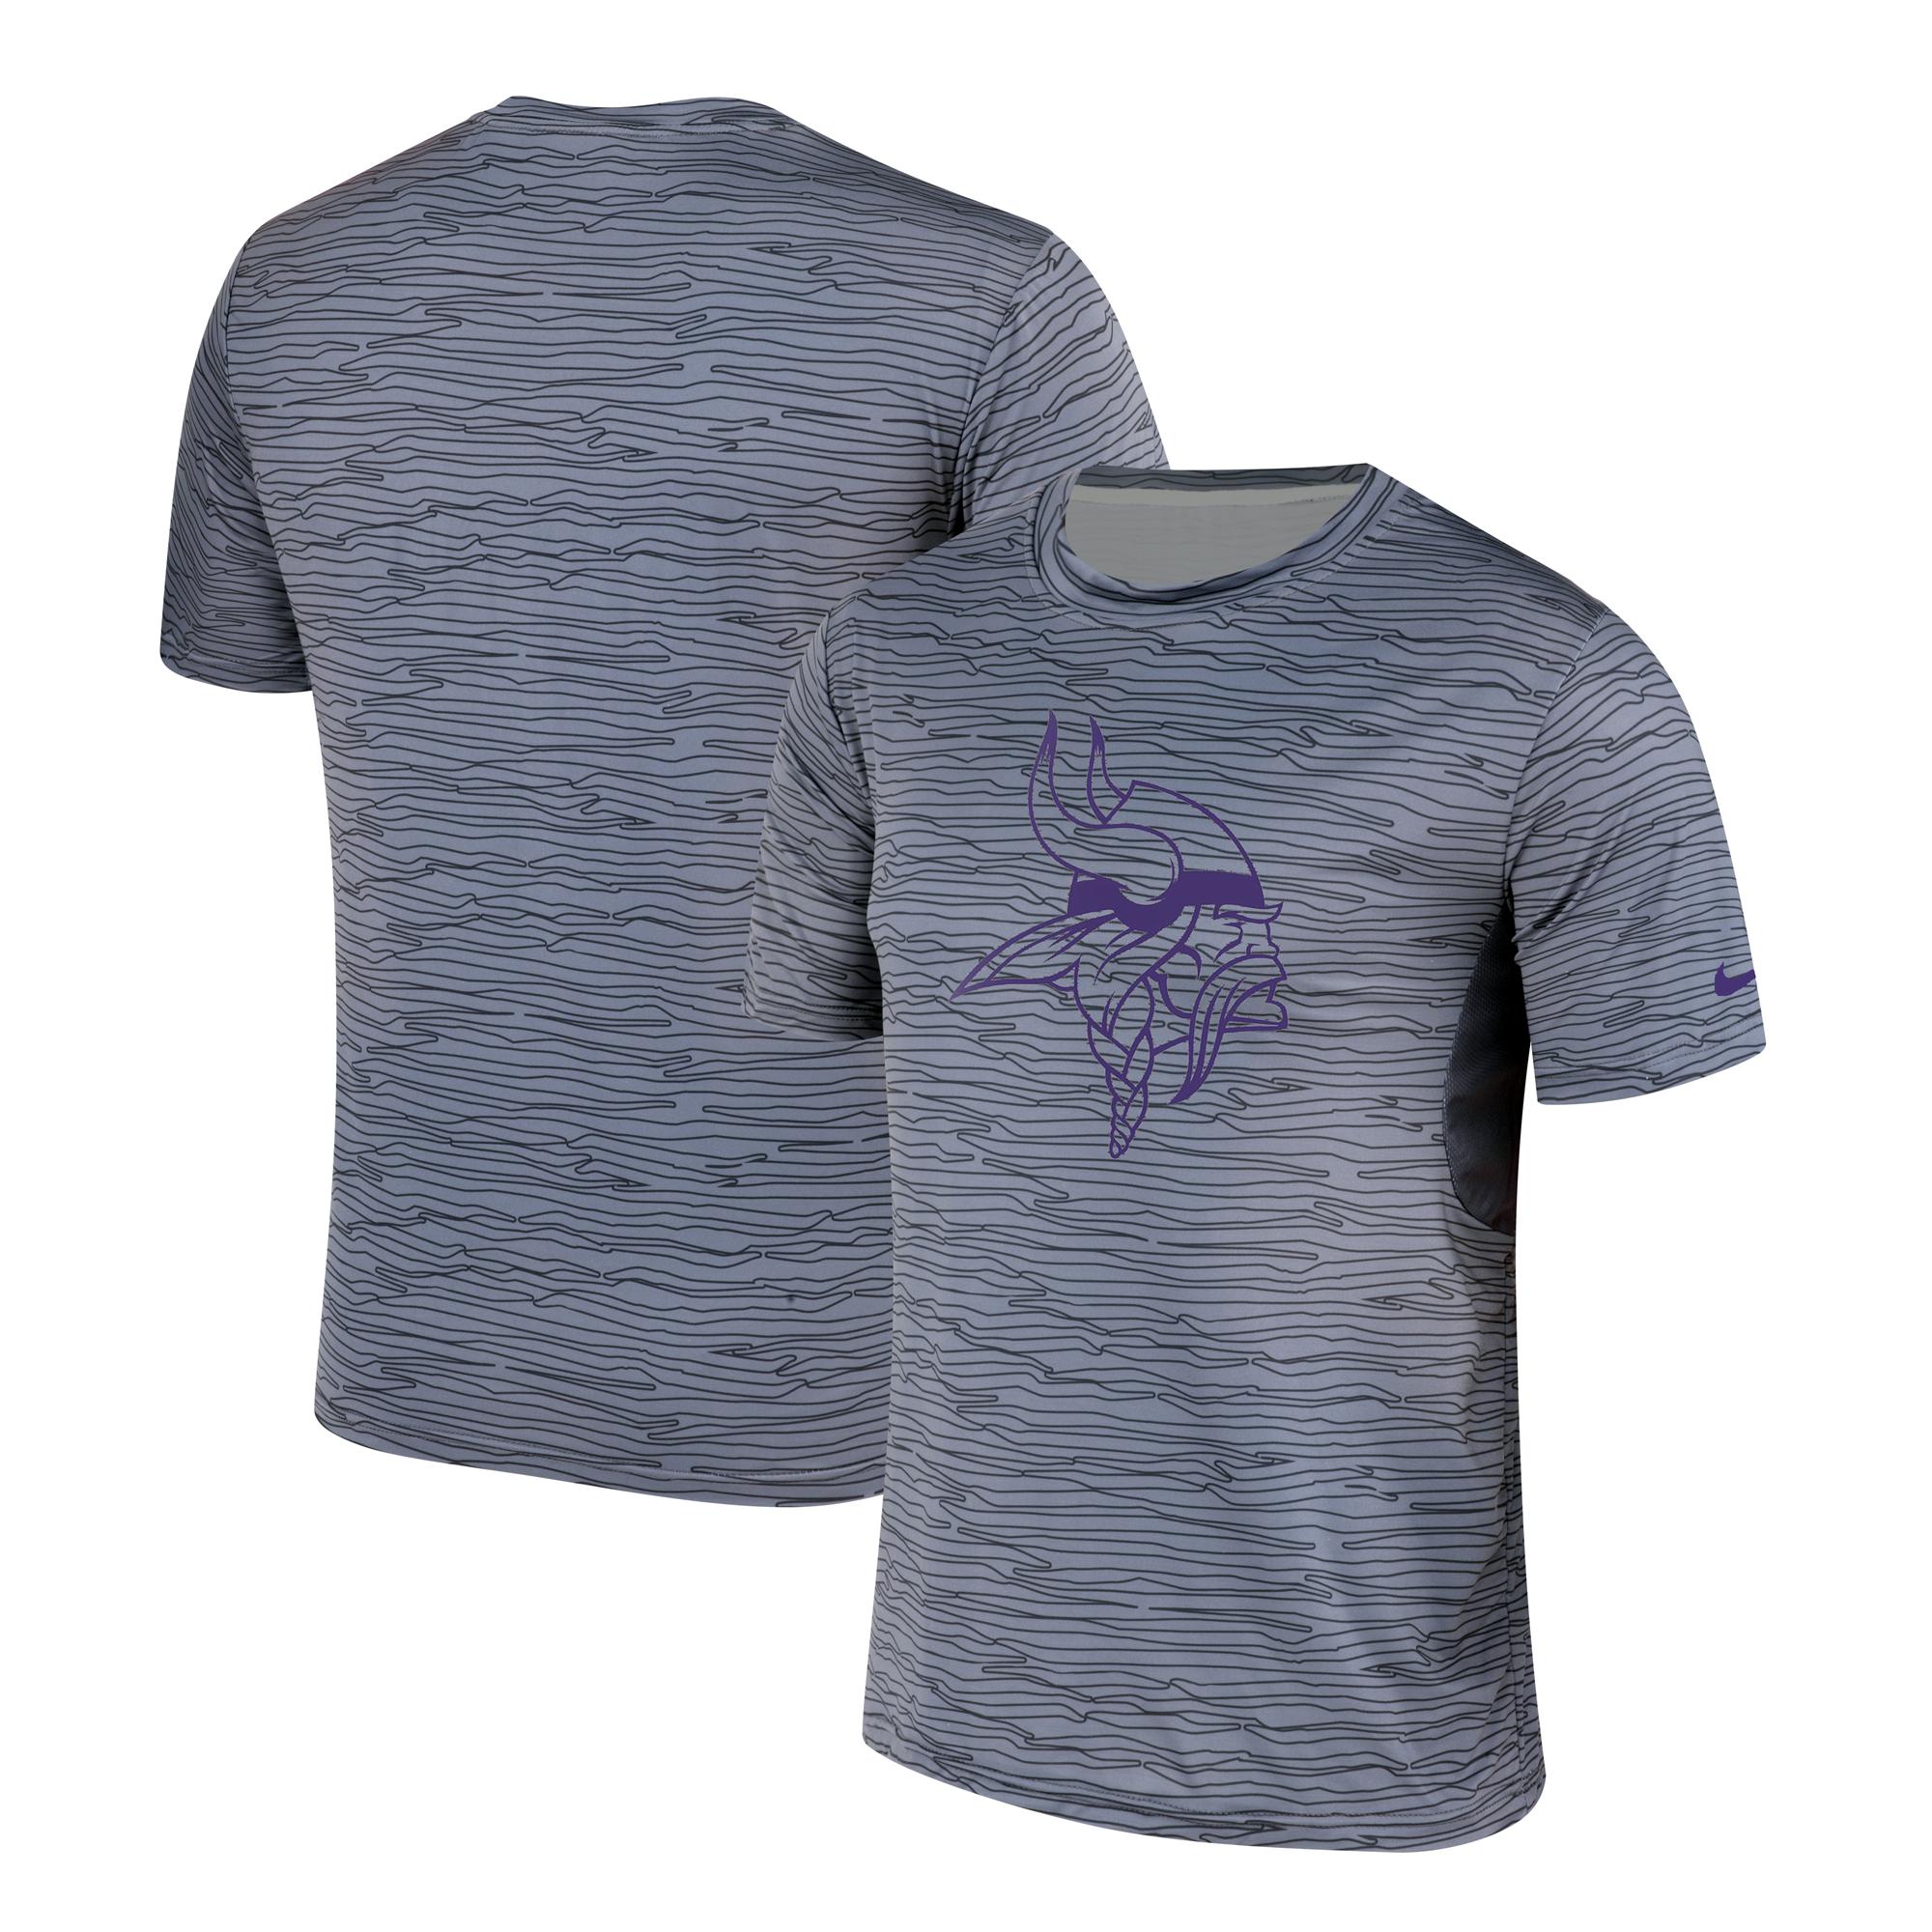 Men's Minnesota Vikings Nike Gray Black Striped Logo Performance T-Shirt